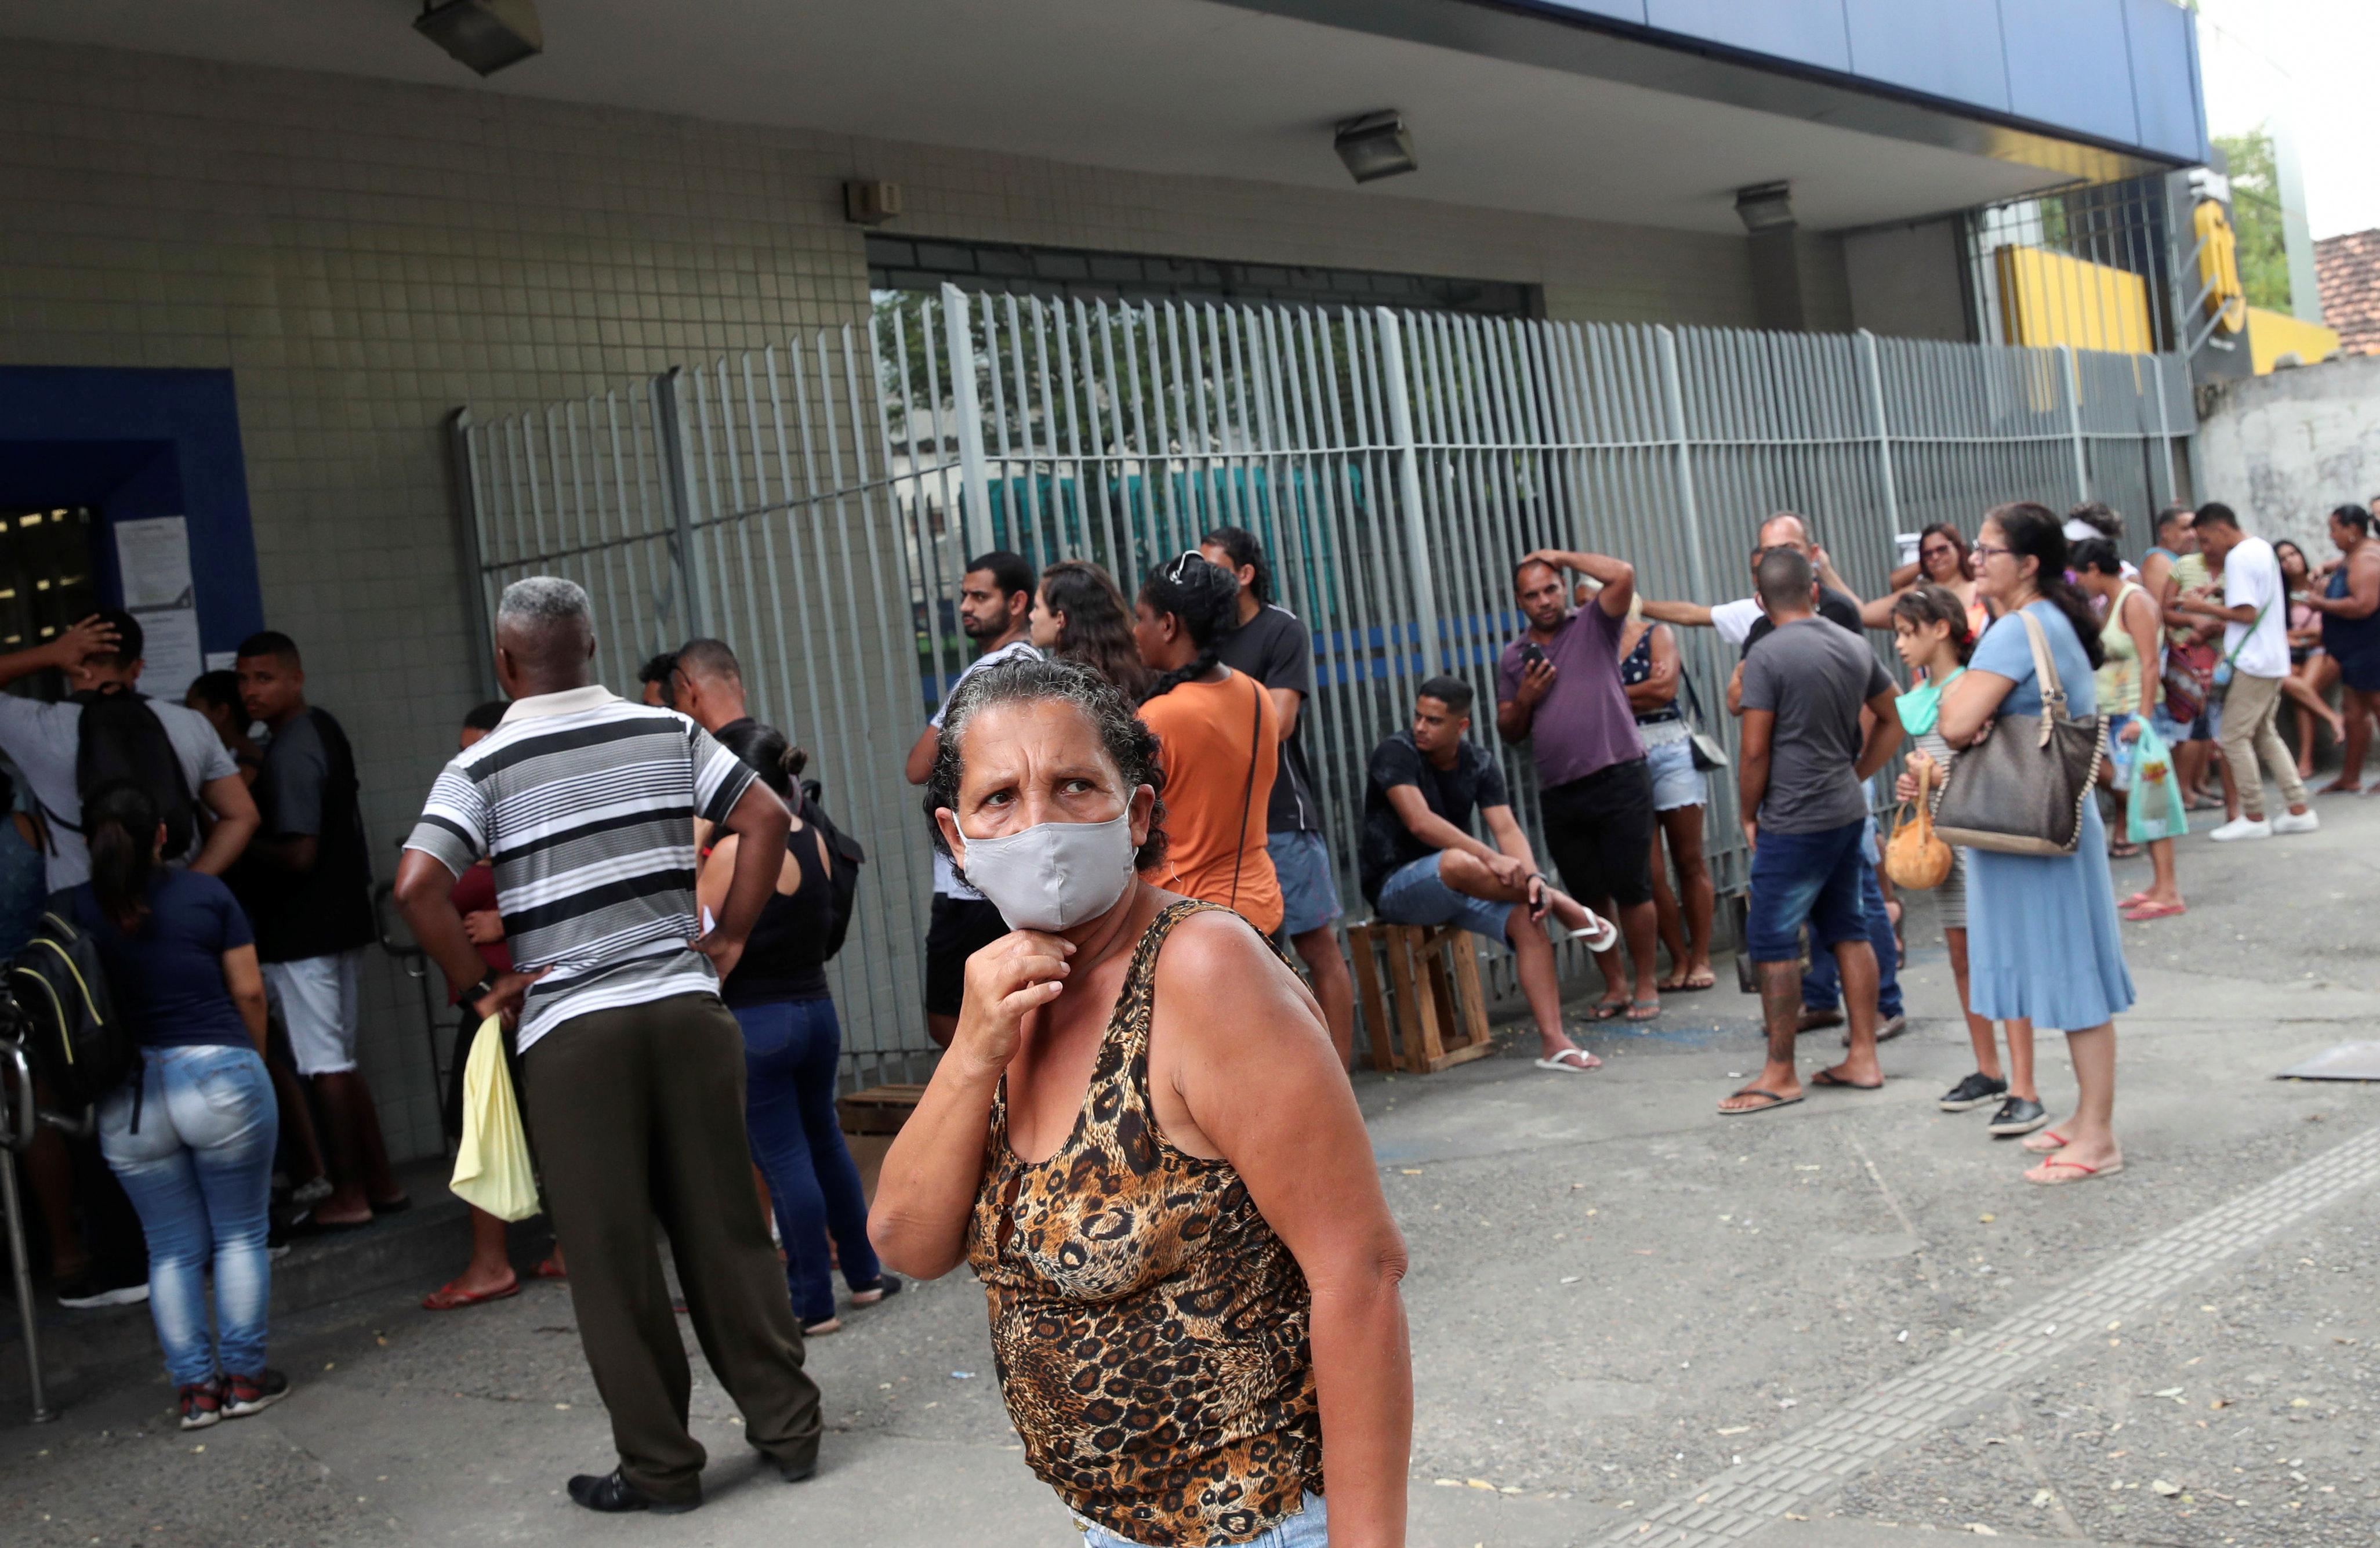 O Brasil está cada dia mais cabisbaixo